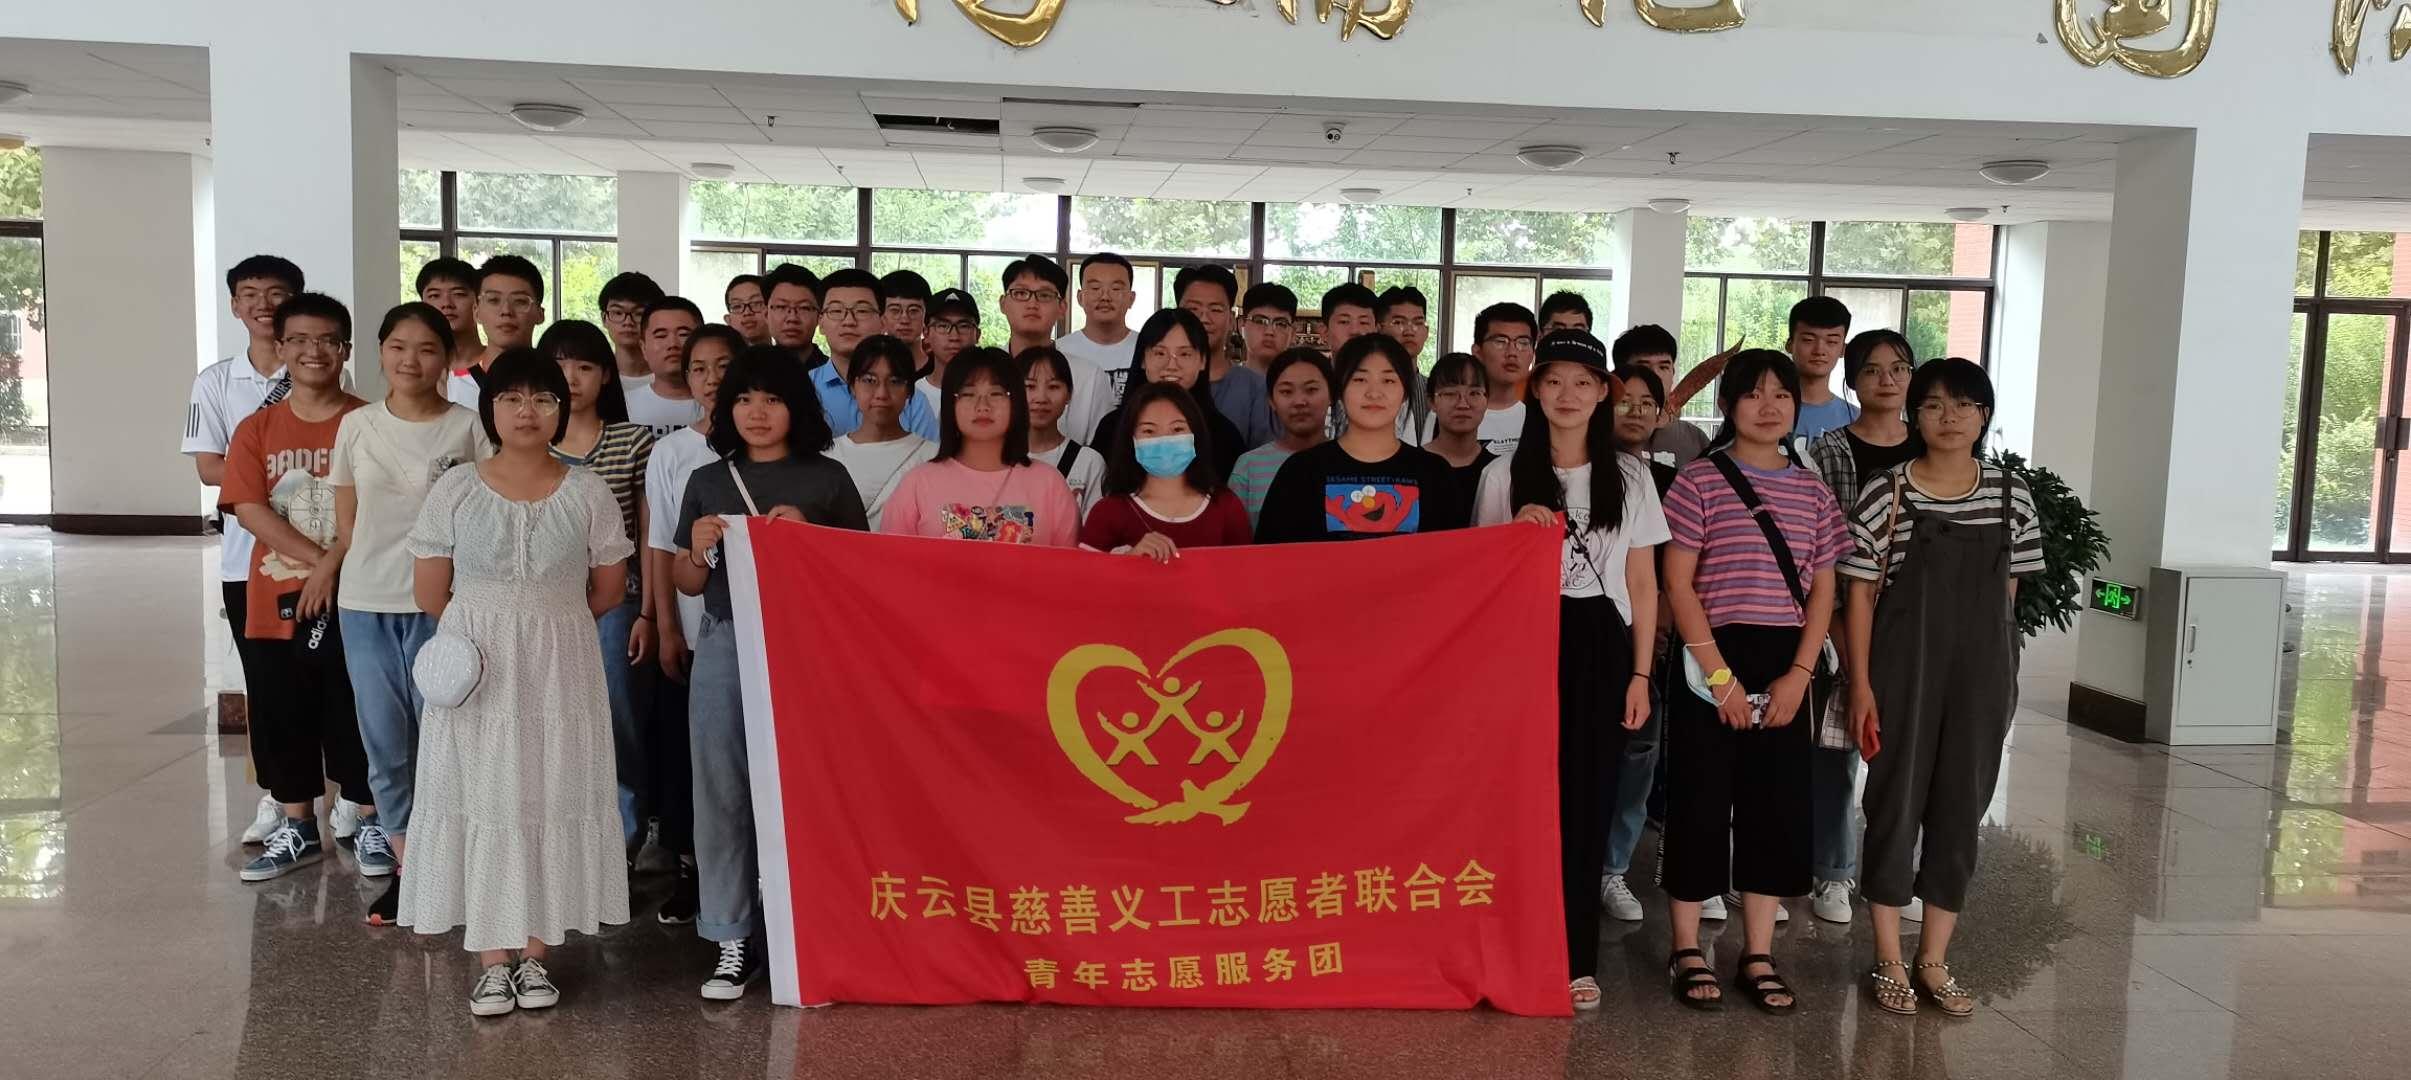 庆云青年志愿服务团丨创文明城市 展志愿风采